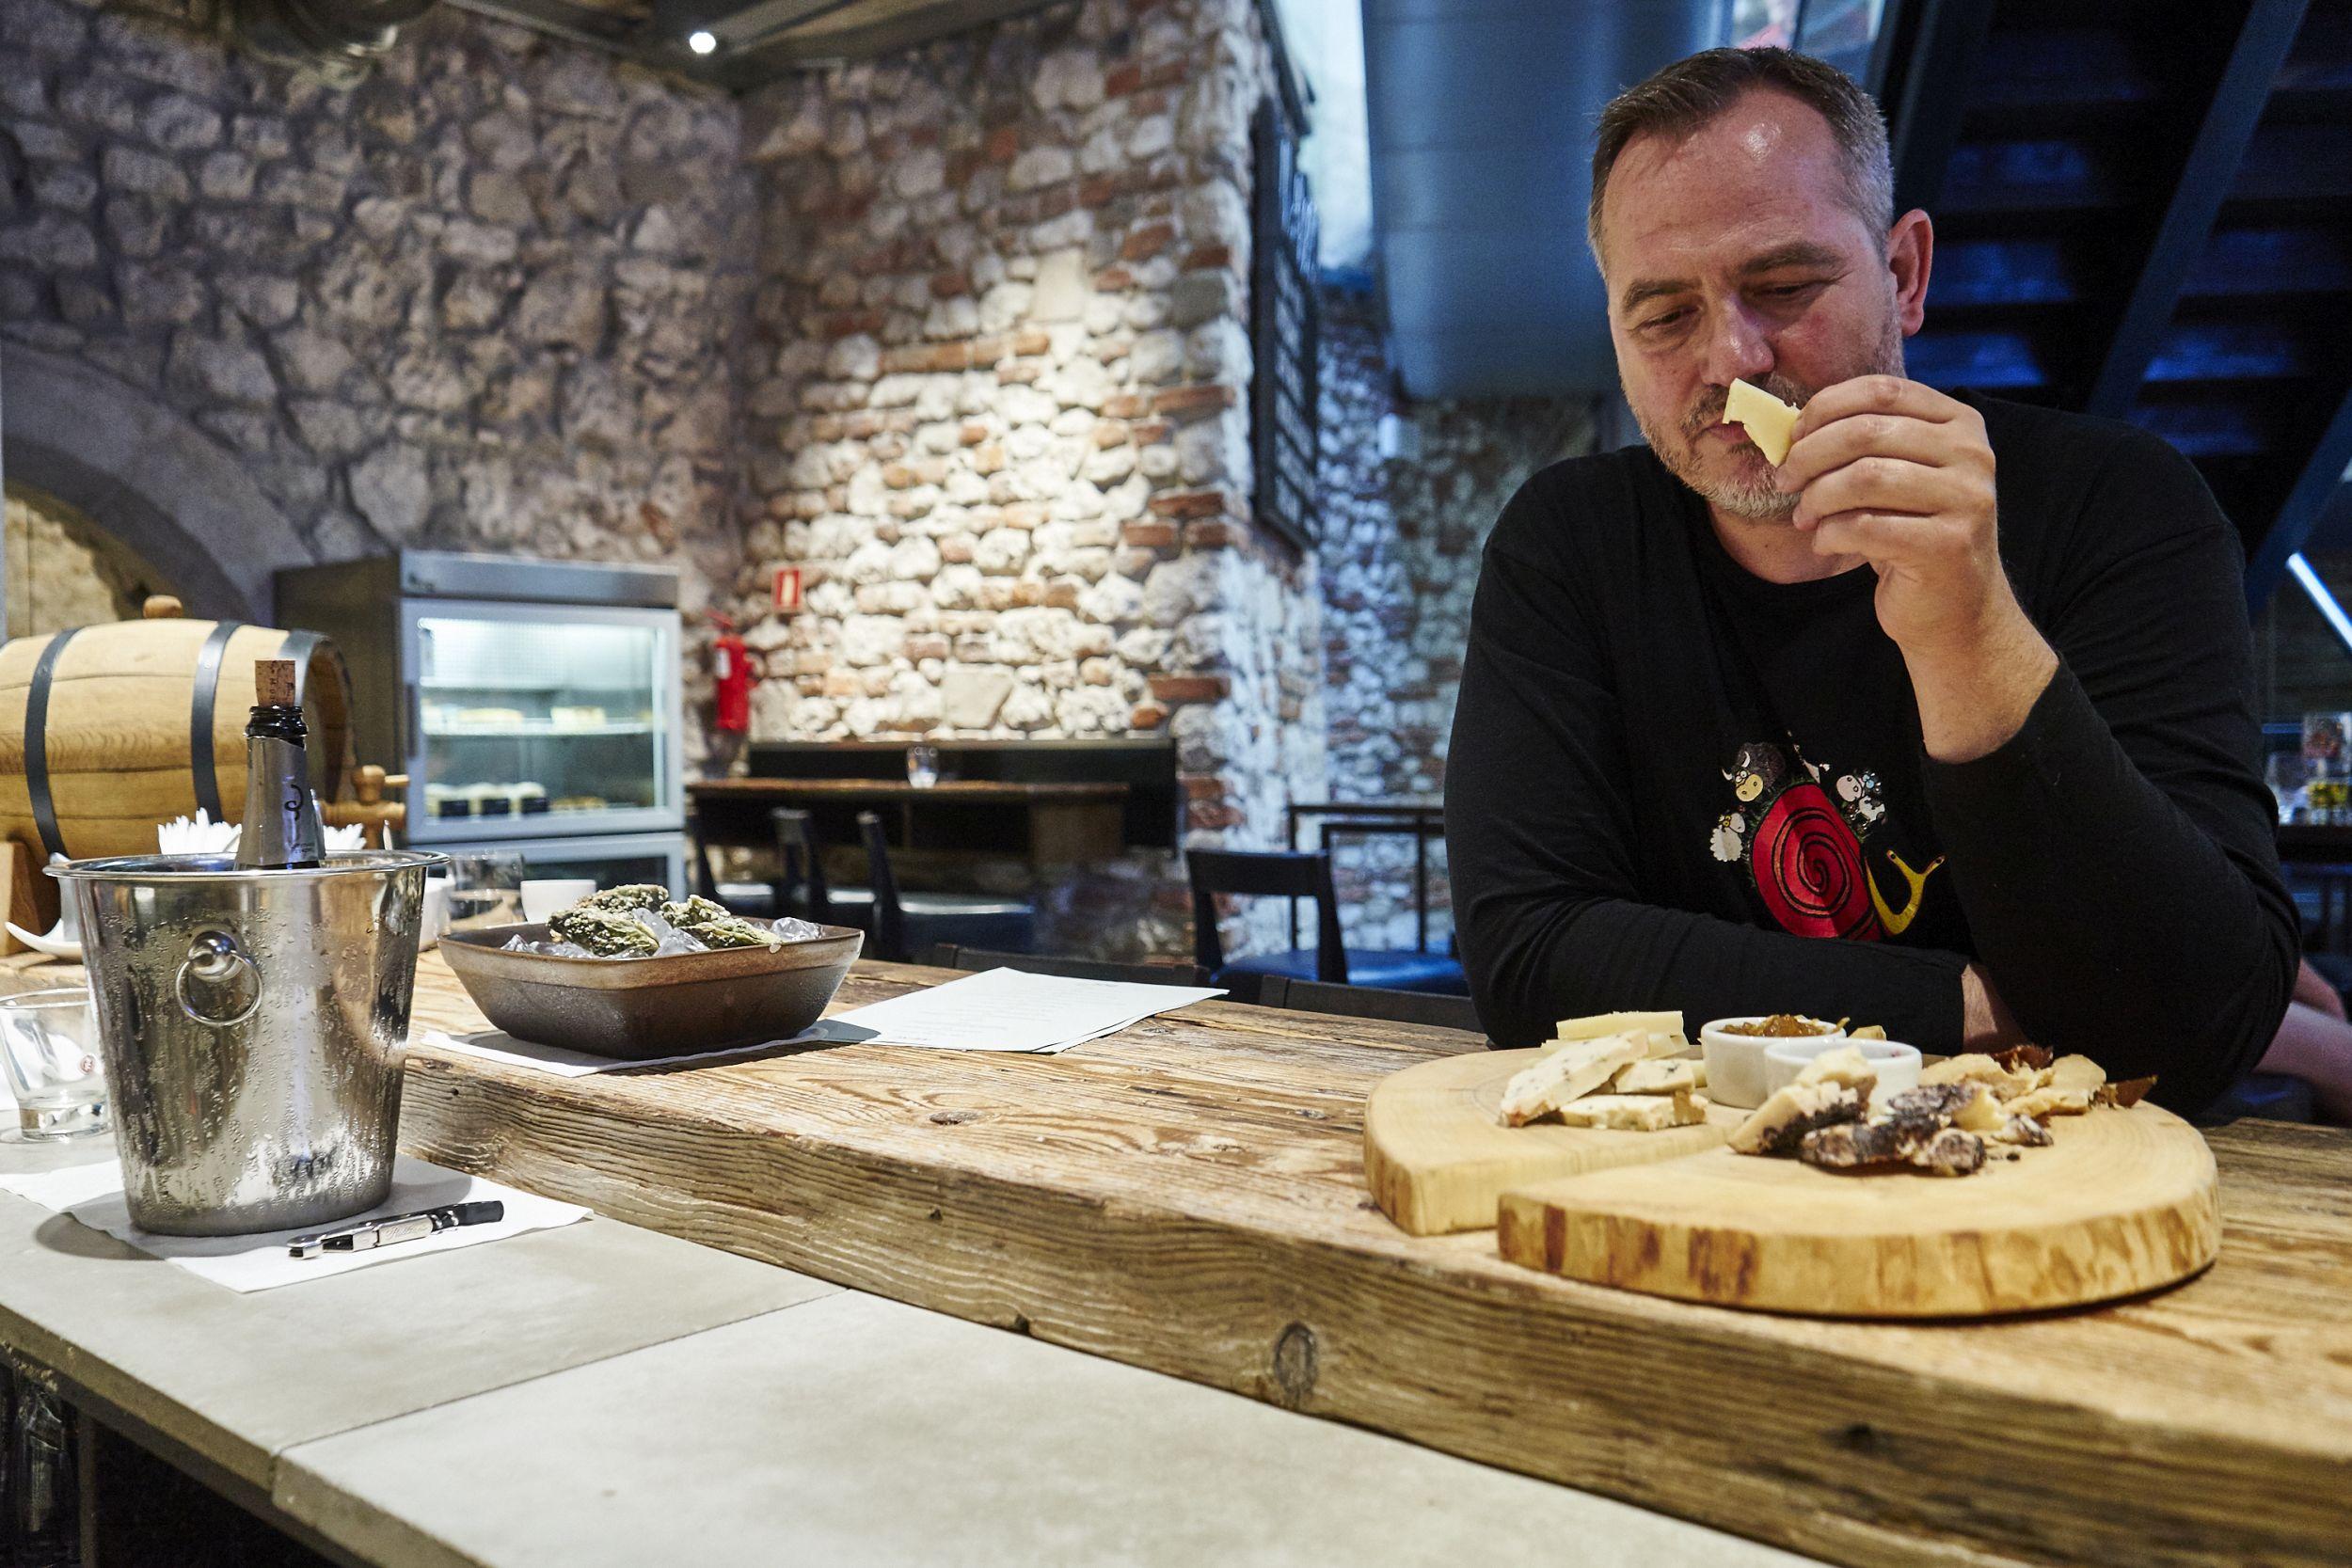 Zgodnie z filozofią Slow Food jedzenie ma być nie tylko zdrowe, lecz także powinno sprawiać przyjemność. Lepiej spożywać mniej mięsa, ale lepszej jakości. Lepiej jeść sezonowo i różnorodnie, niż przyzwyczajać się do monodiety i wysoko przetworzonej żywności z odległymi datami przydatności (fot. Weekend Gazeta.pl)